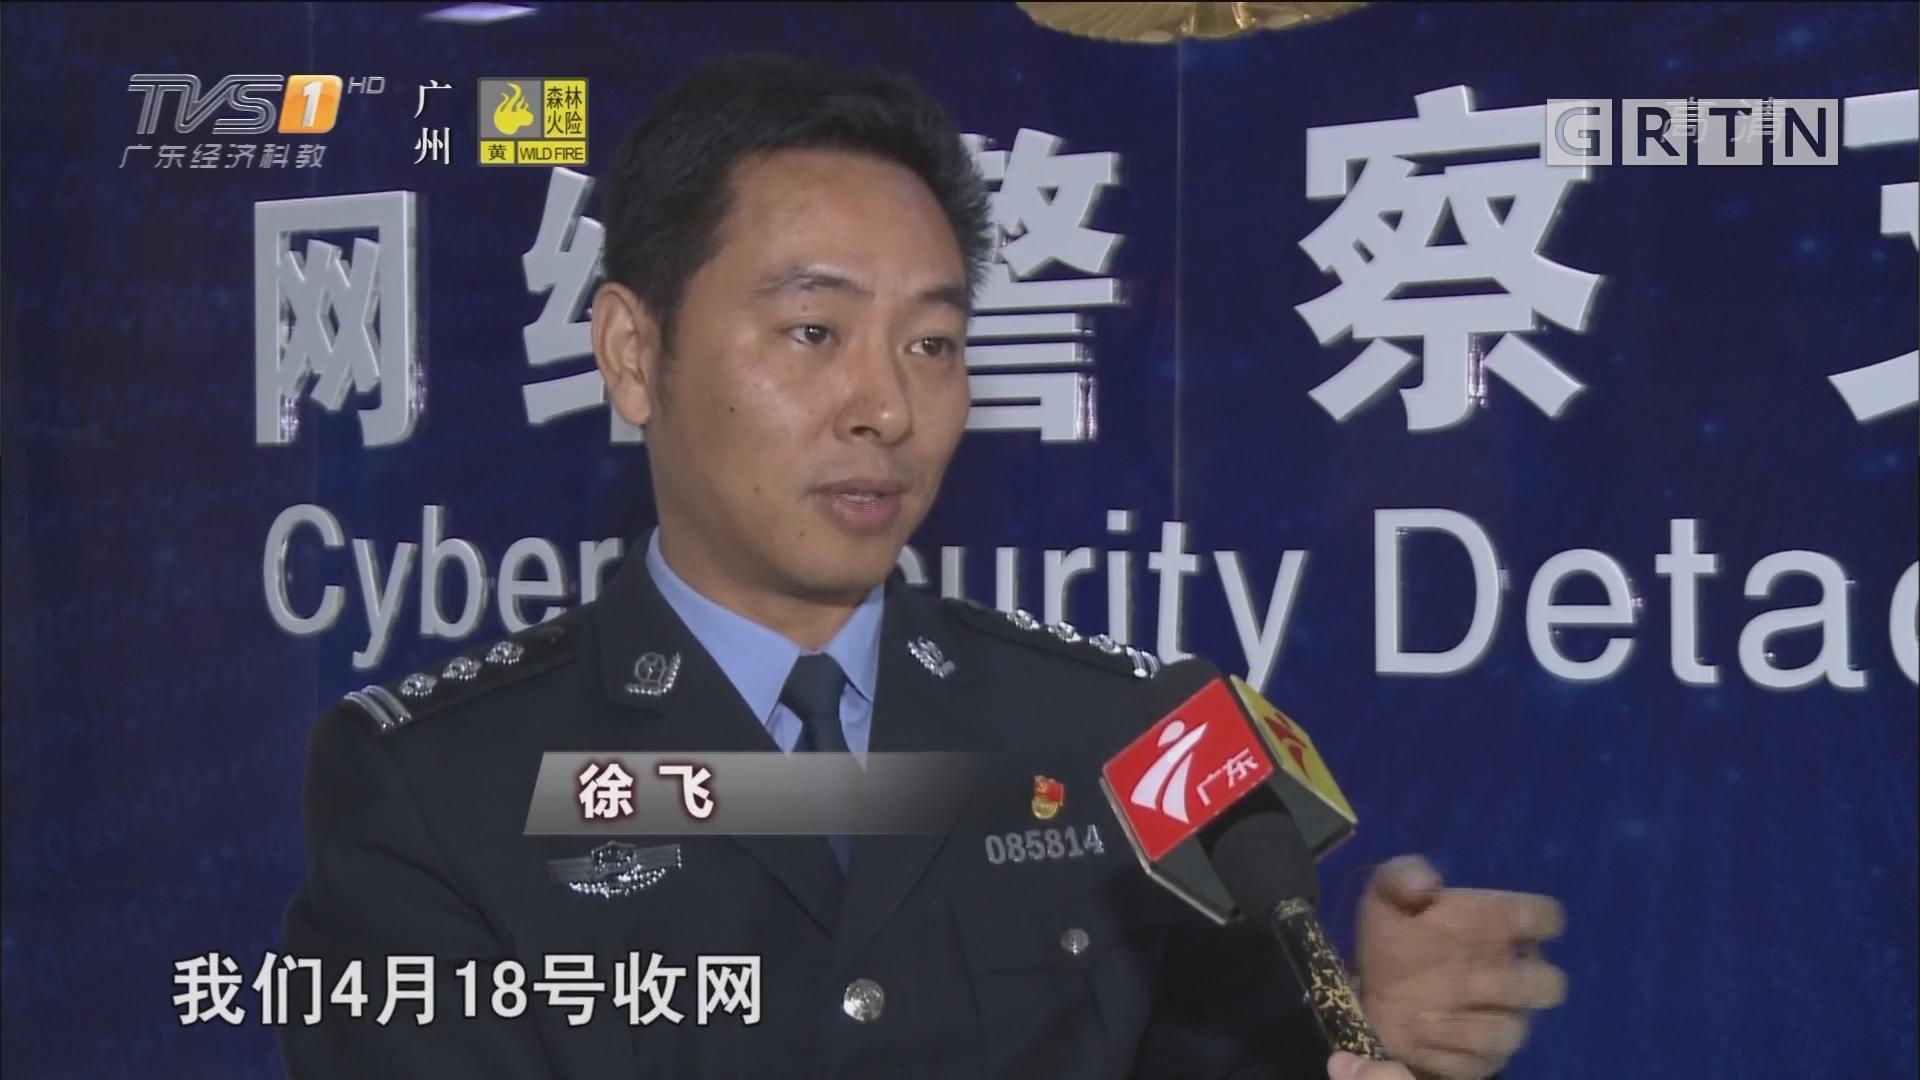 广东警察故事:珠海网警徐飞